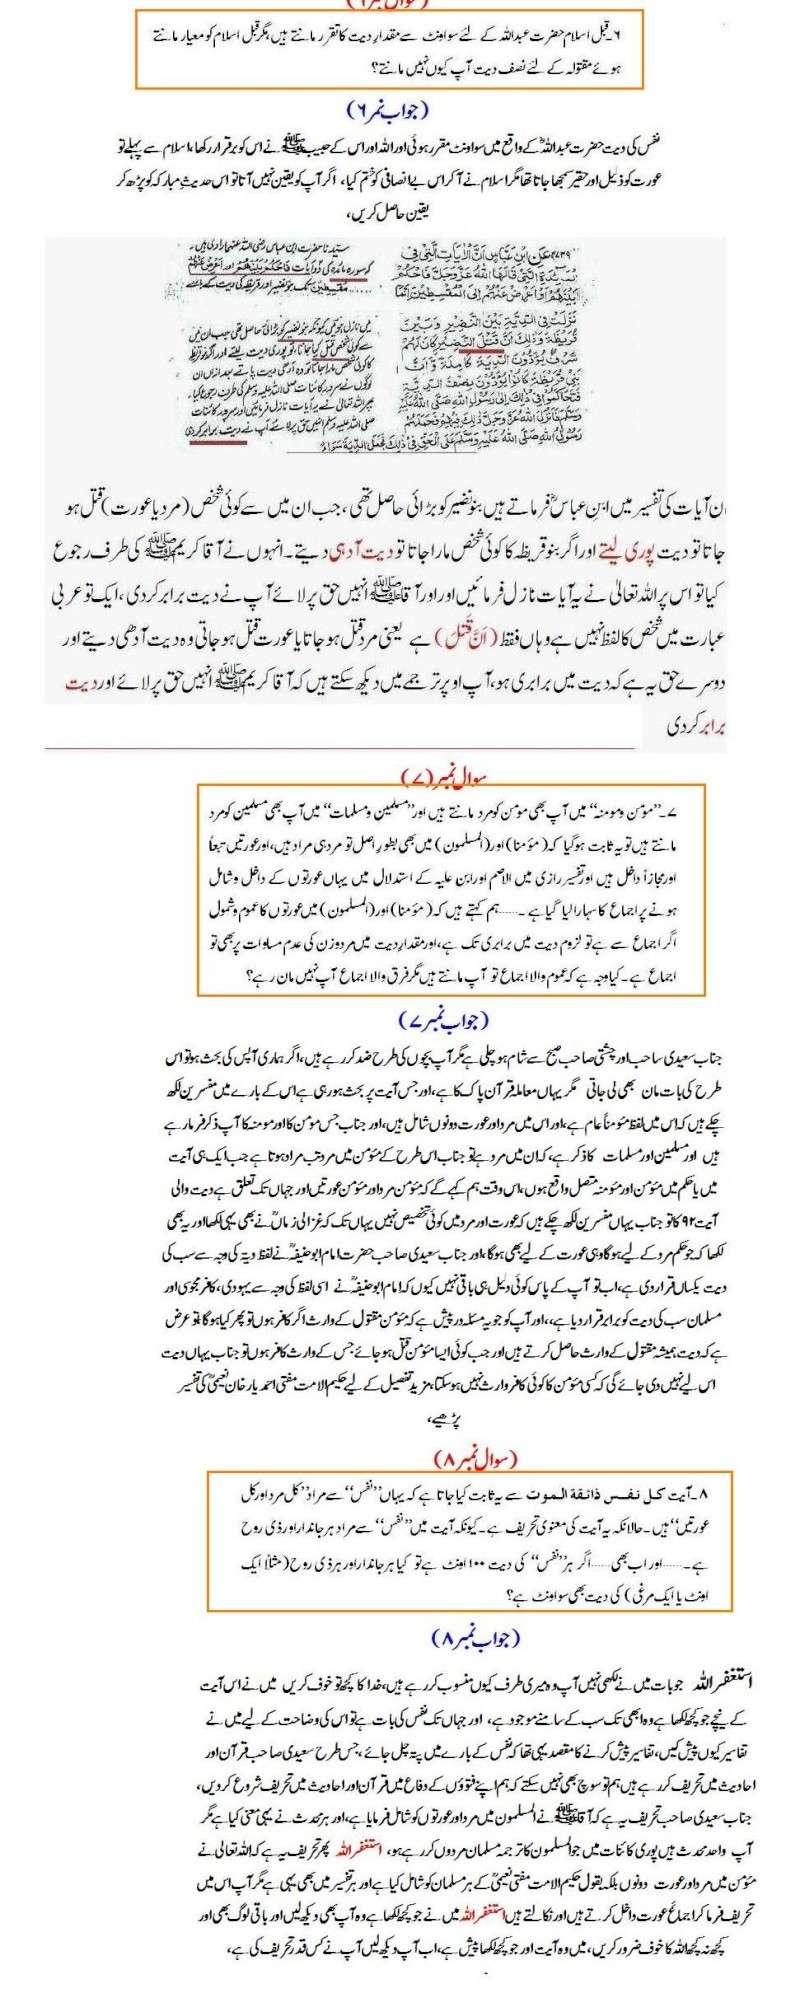 دیت کی جعلی فتوی فیکٹری پر منہاج القرآن کی فتح کا جھنڈا - Page 2 Post13